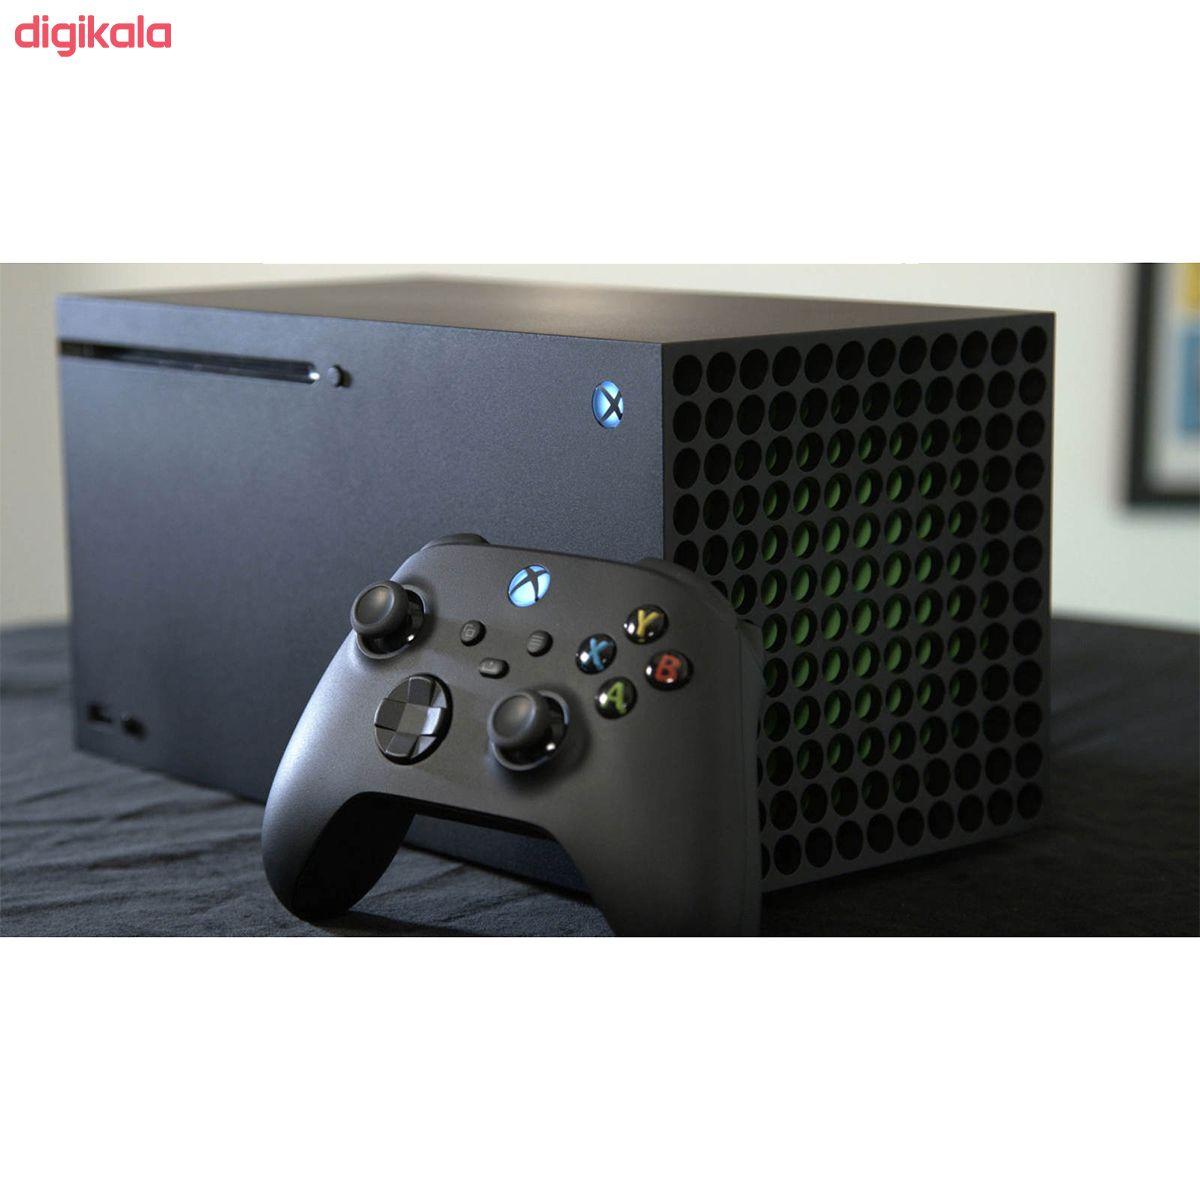 مجموعه کنسول بازی مایکروسافت مدل Xbox Series X ظرفیت 1 ترابایت main 1 11